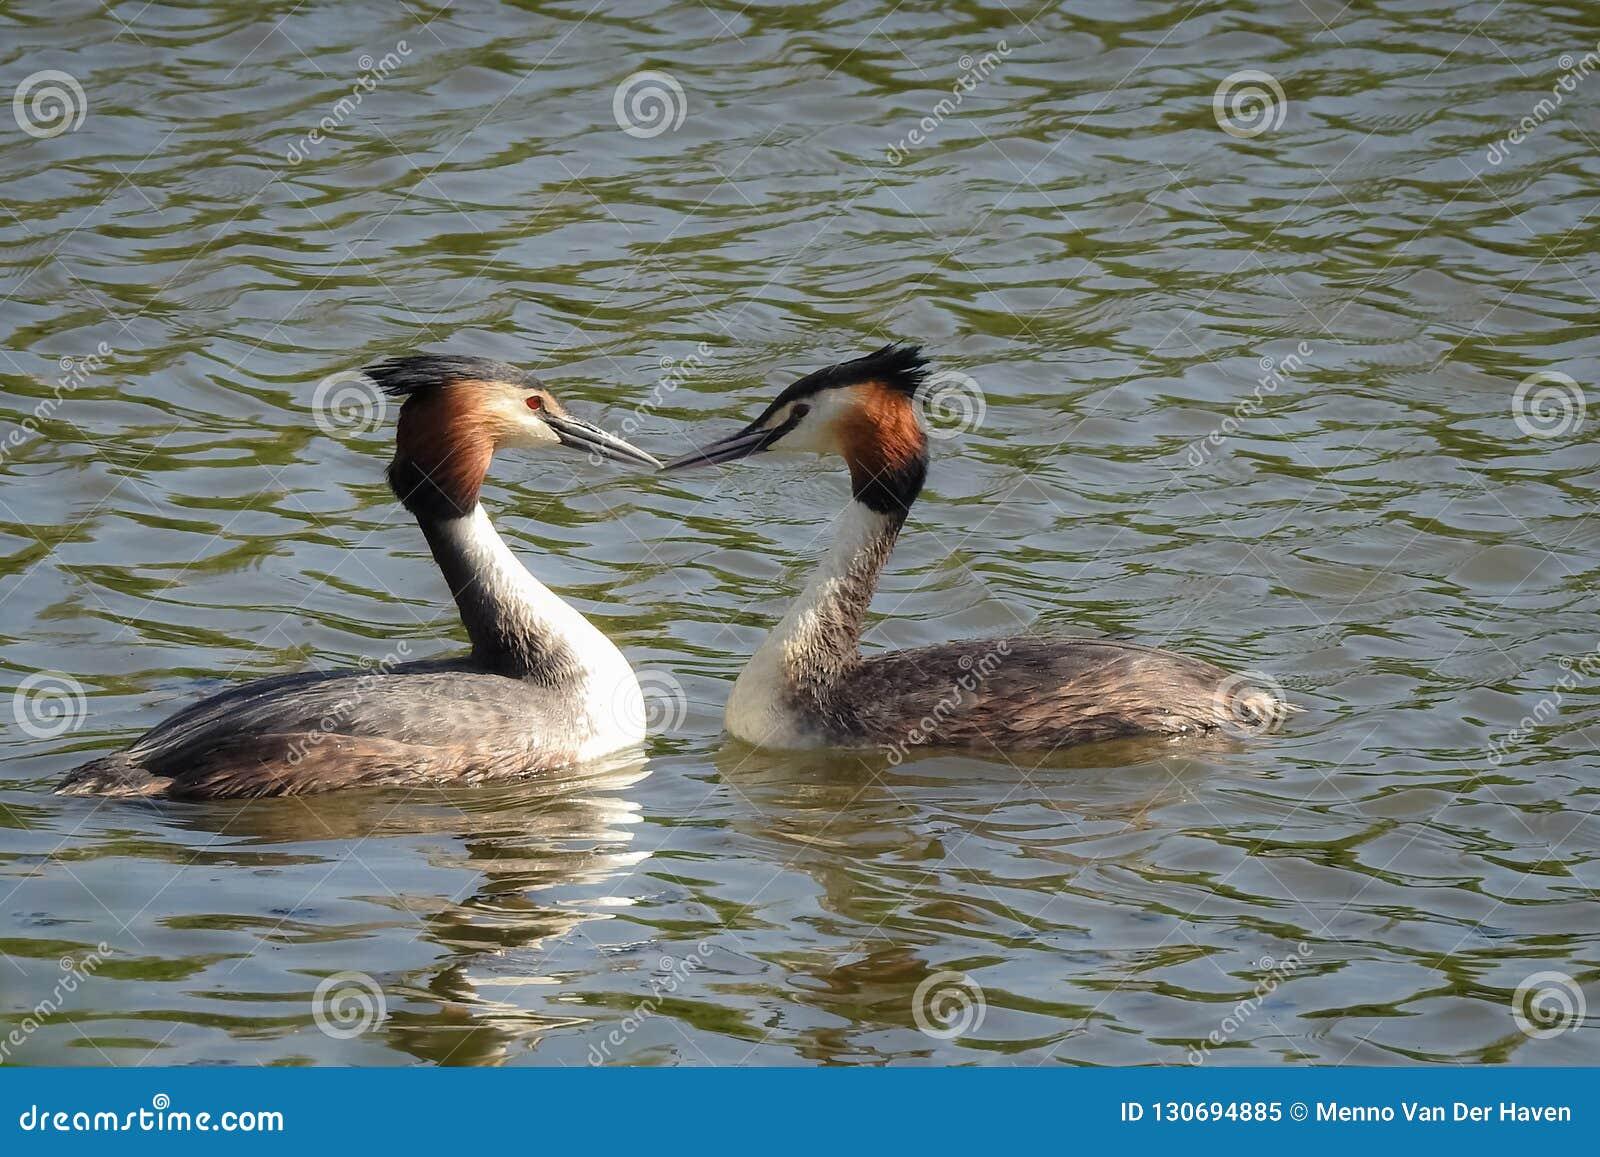 De lente: twee futen in het water